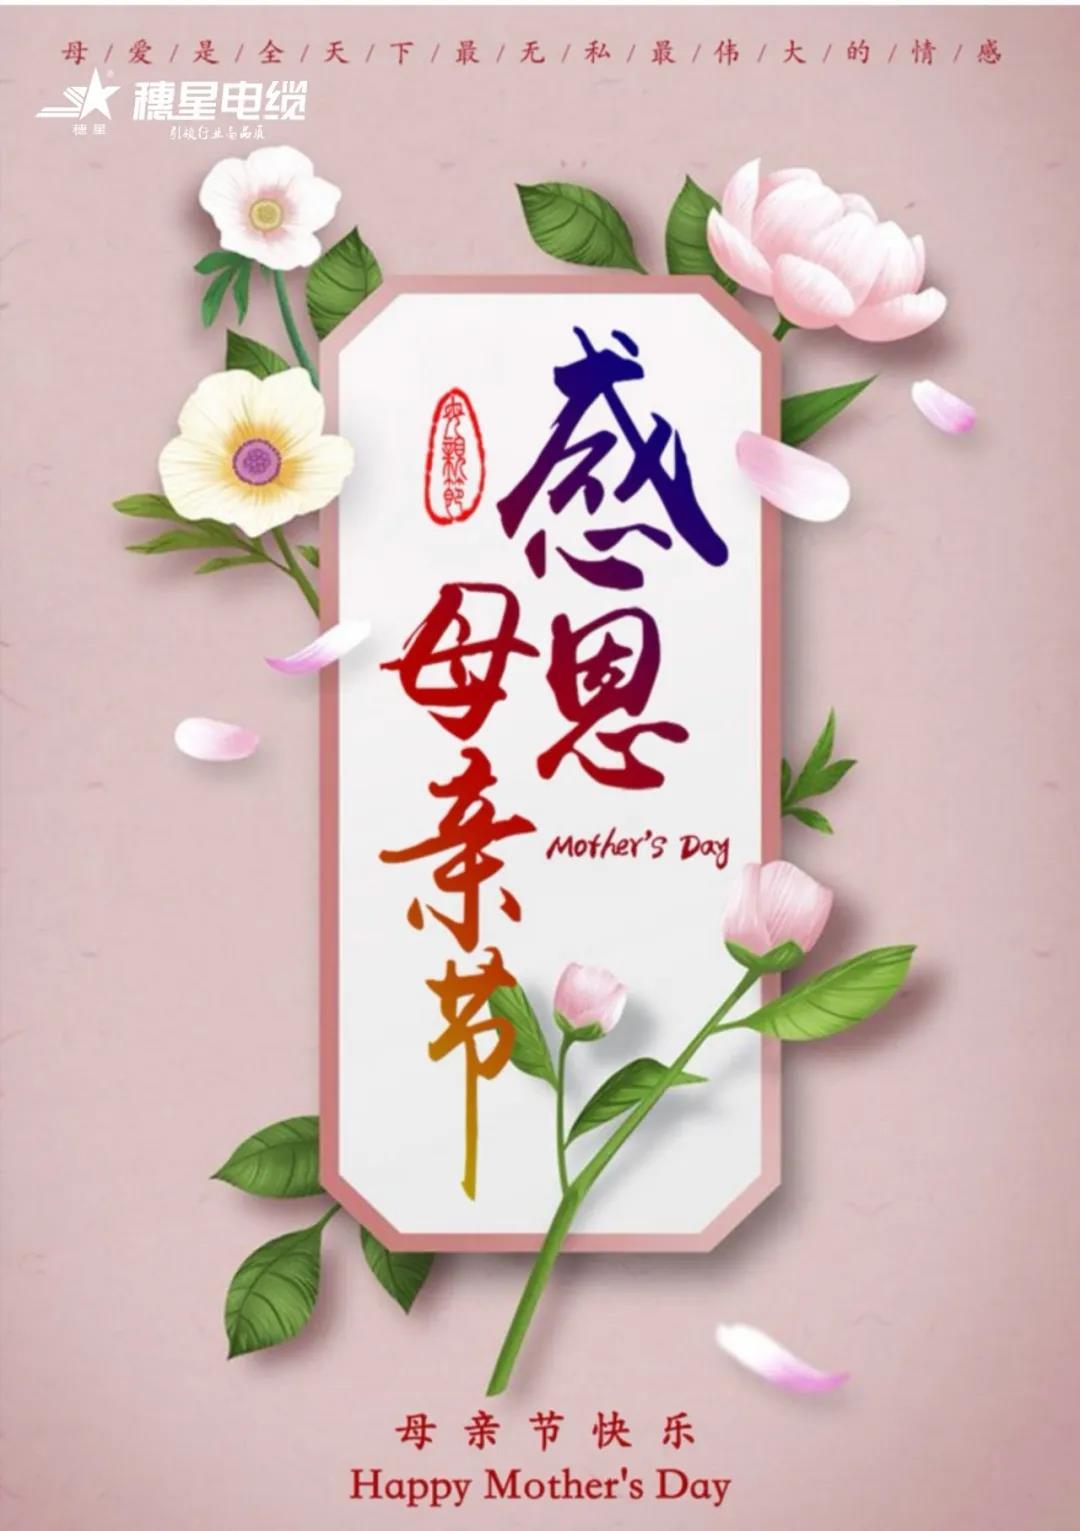 必威体育平必威体育平台必威西汉姆官网 ‖ 爱她,不等待——写给母亲们的祝福语